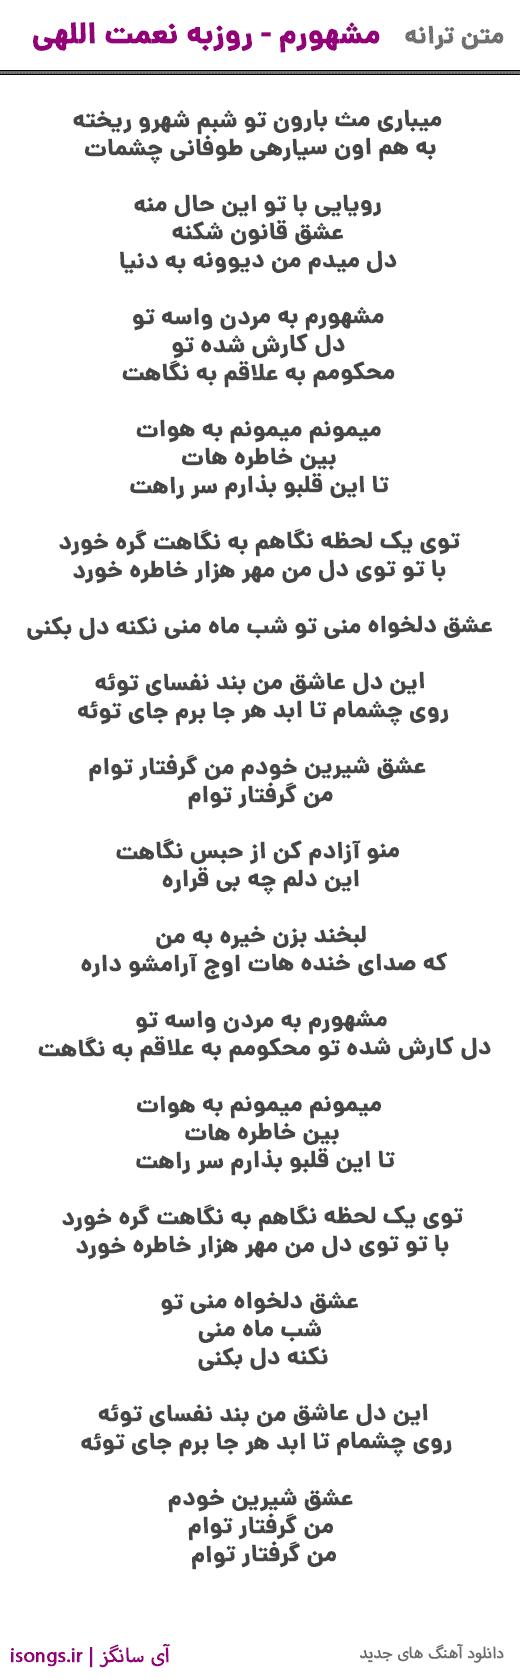 متن ترانه مشهورم از روزبه نعمت اللهی به صورت عکس